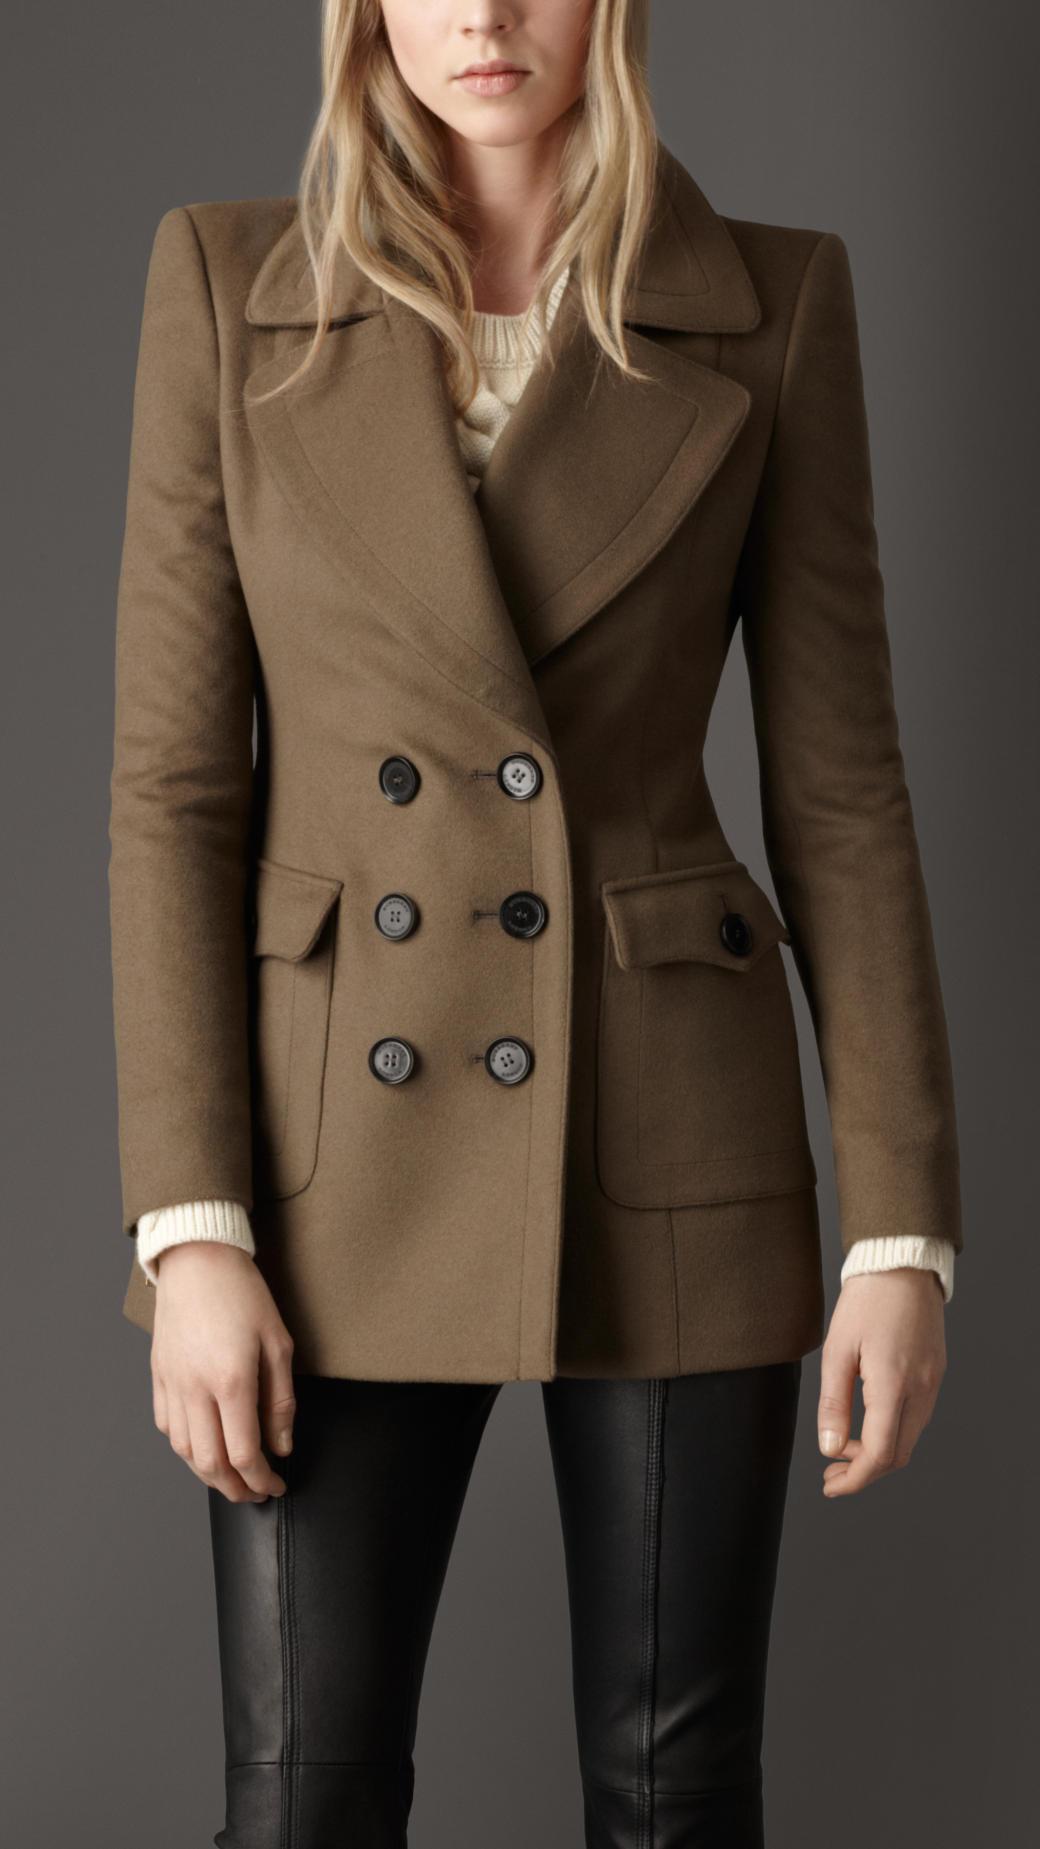 Burberry Oversize Pocket Pea Coat in Brown | Lyst